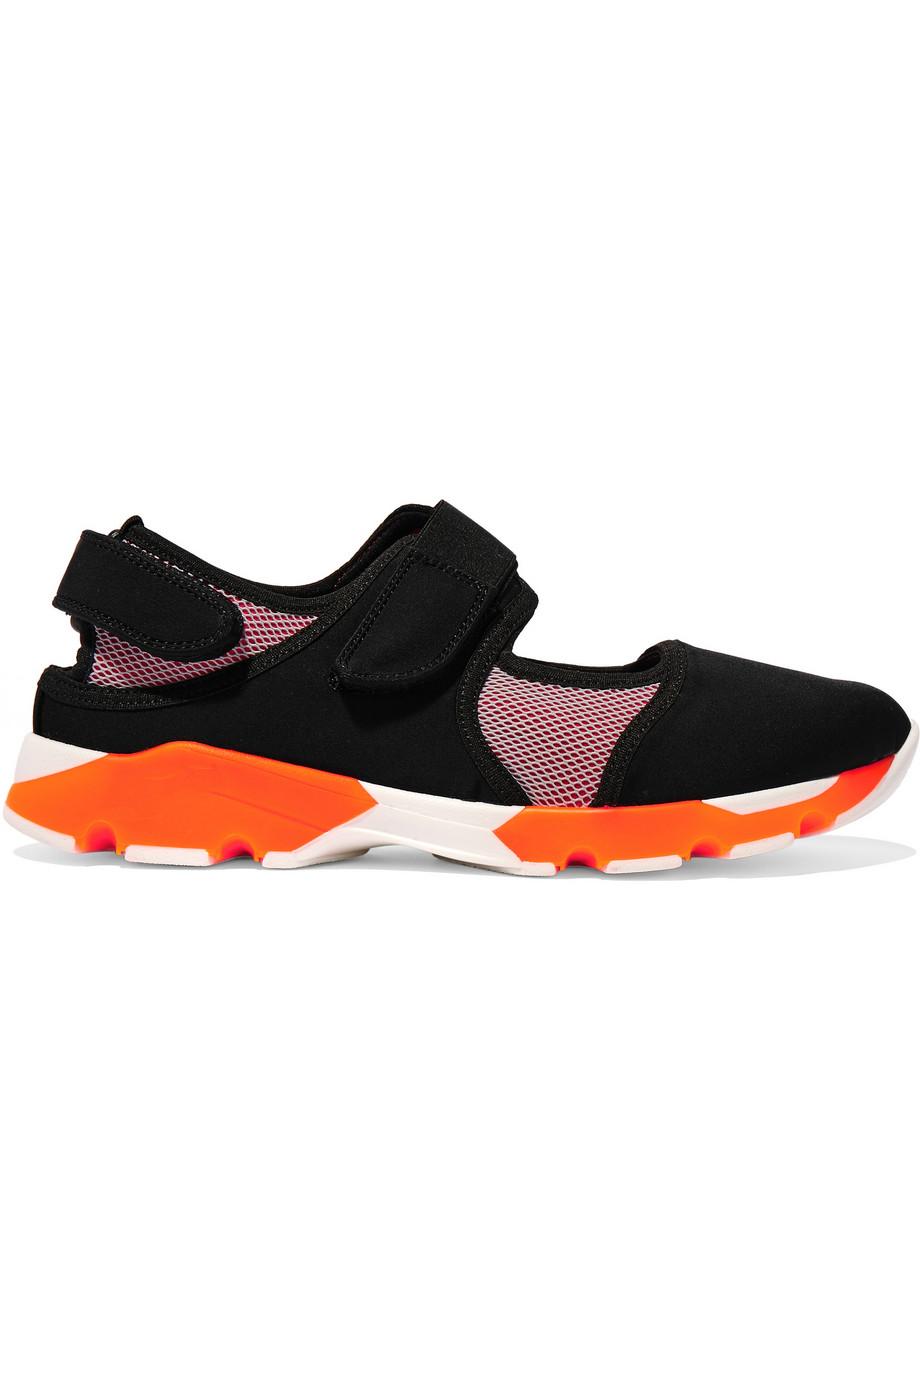 Marni_mesh_sneakers